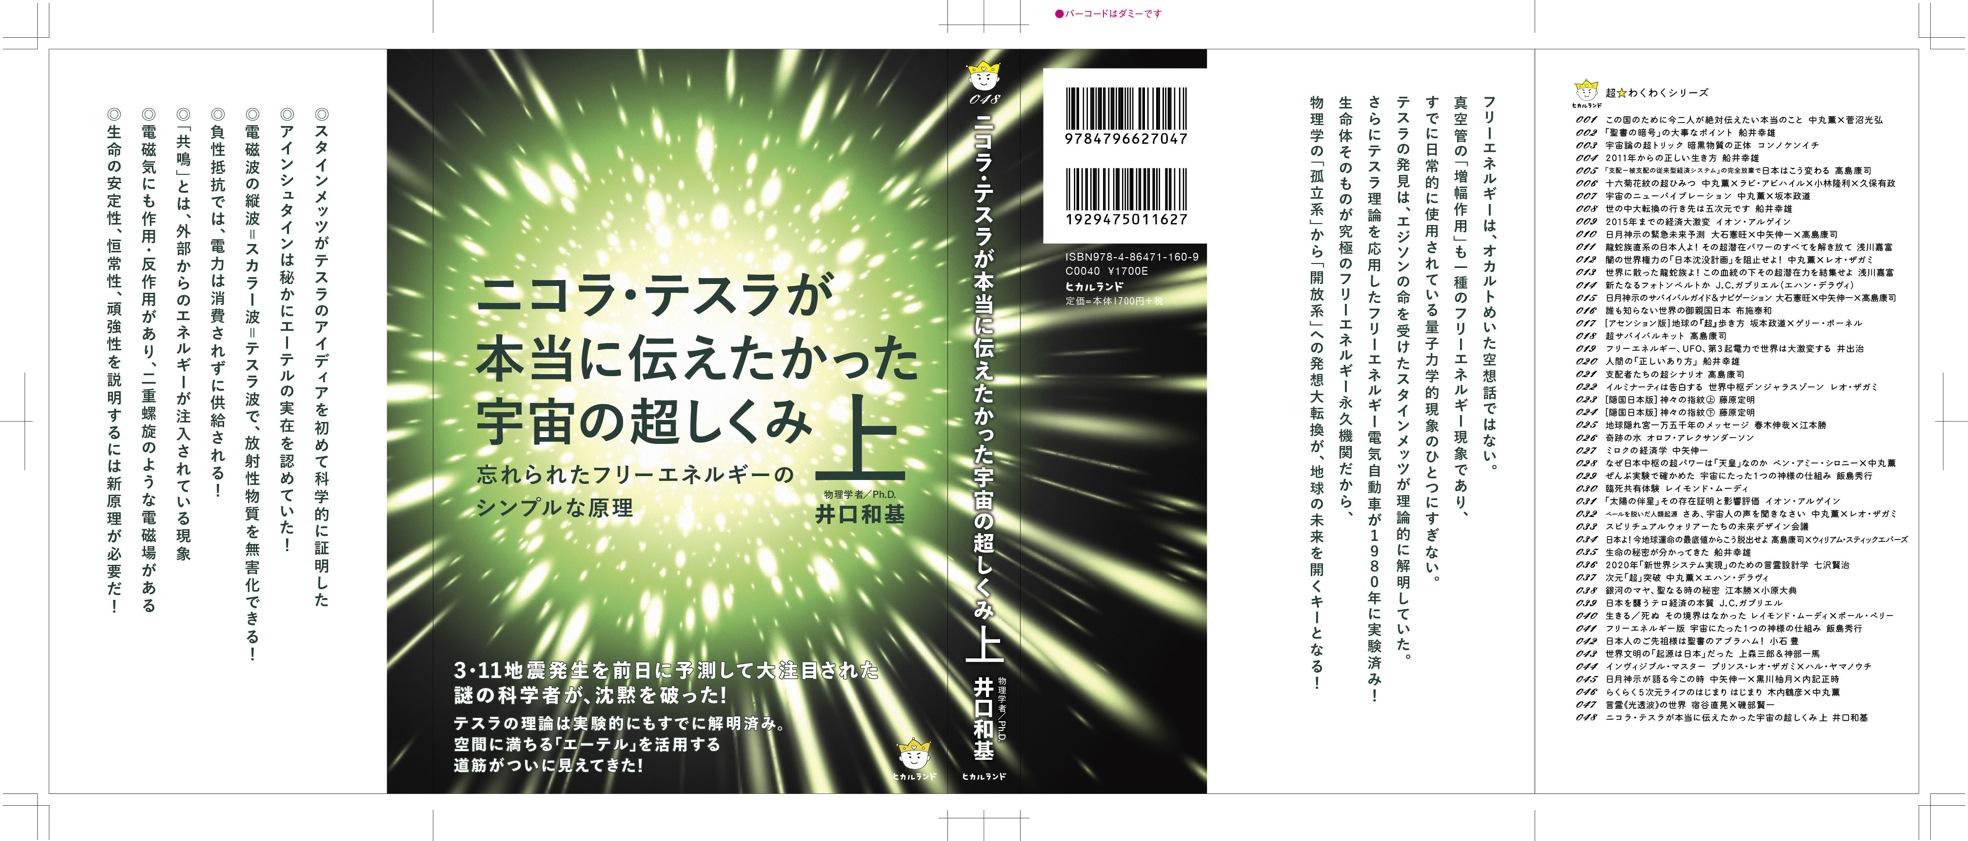 拙著「ニコラ・テスラが本当に伝えたかった宇宙の超しくみ」:やっと完成_e0171614_21533164.jpg